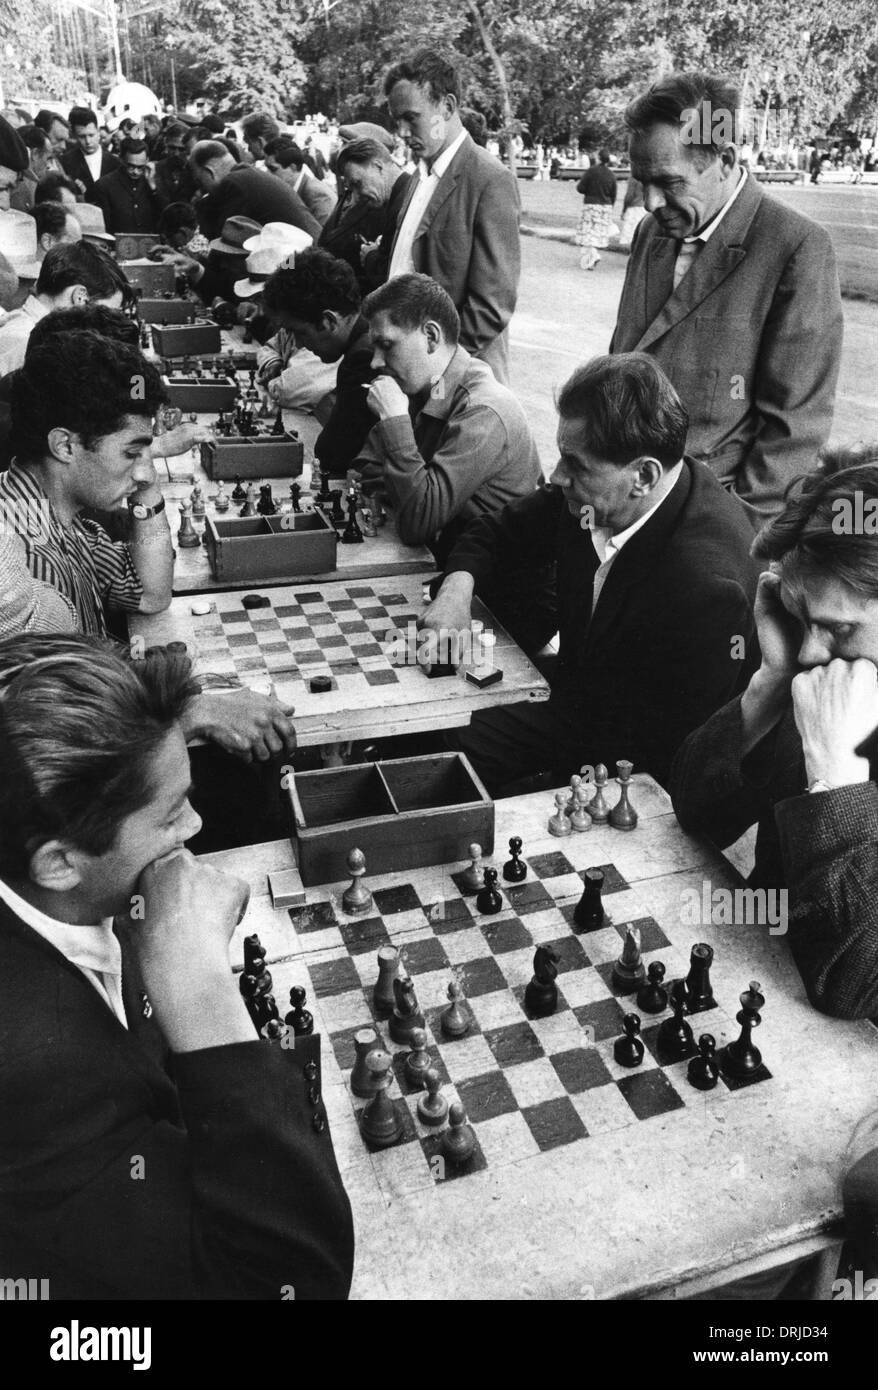 Persone che giocano a scacchi, Parco Gorki, Mosca, Russia Foto Stock